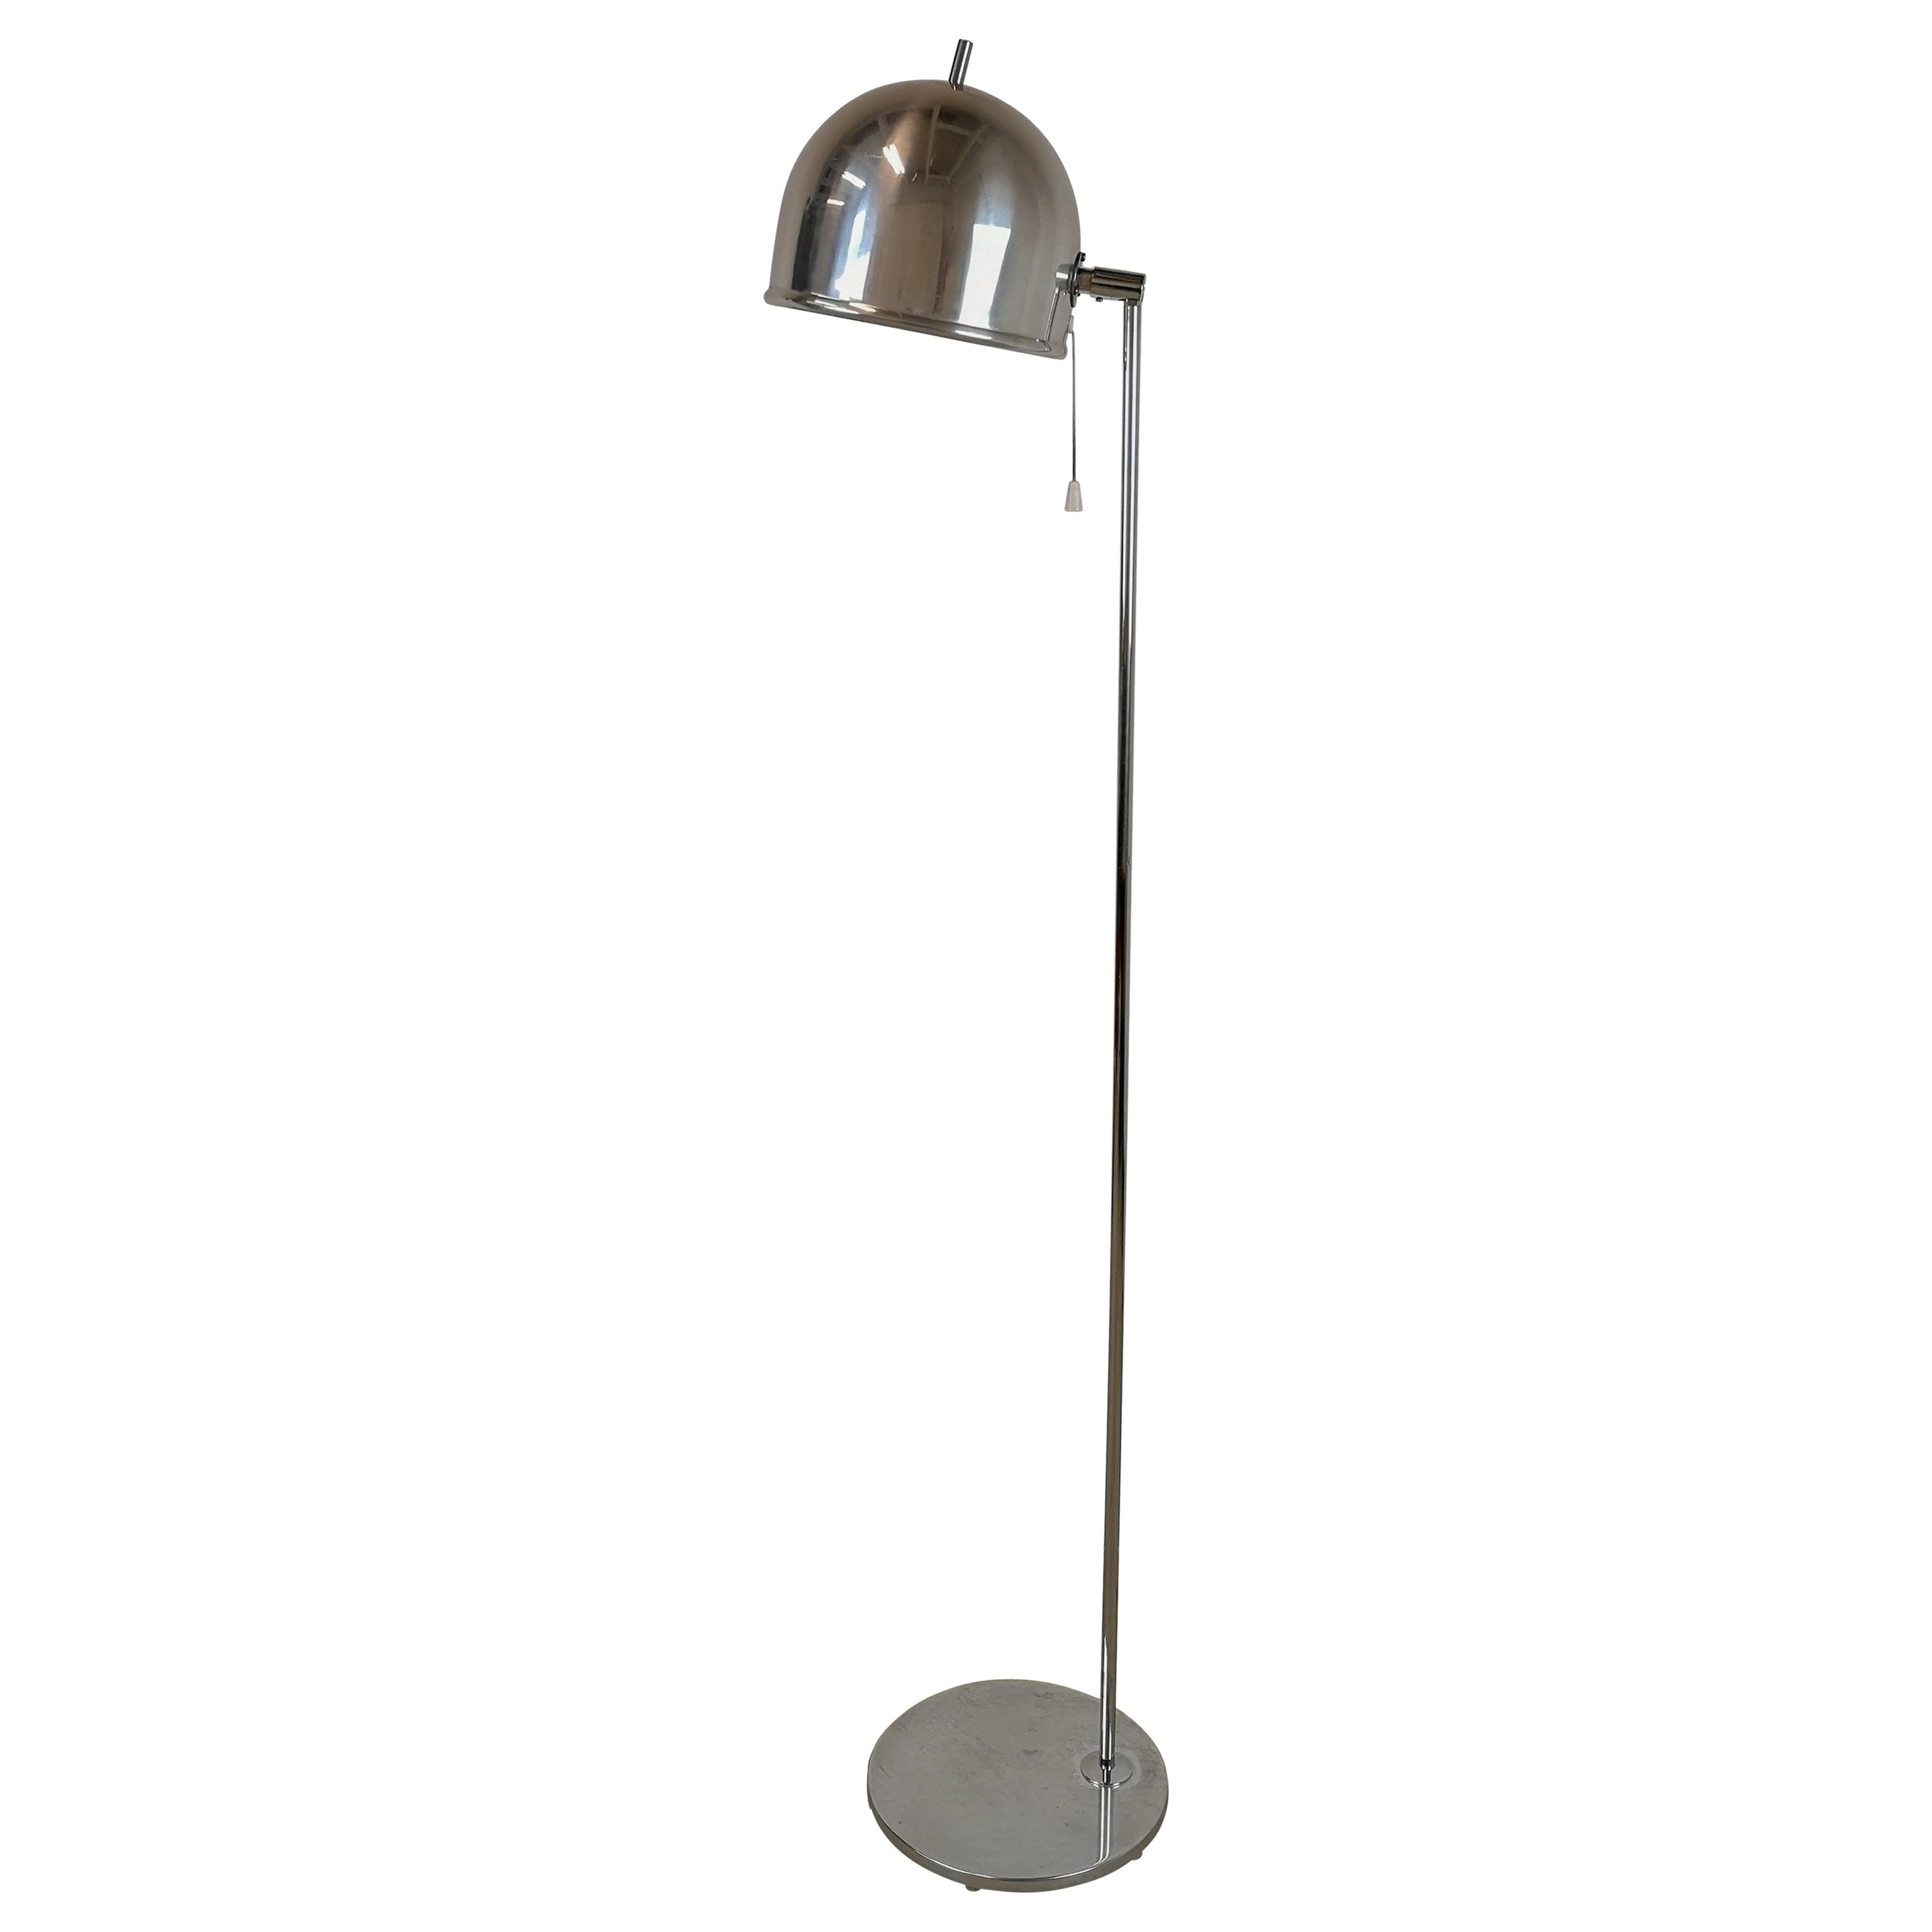 Midcentury Floor Lamp, Model G-075, Bergboms, Sweden, 1960s